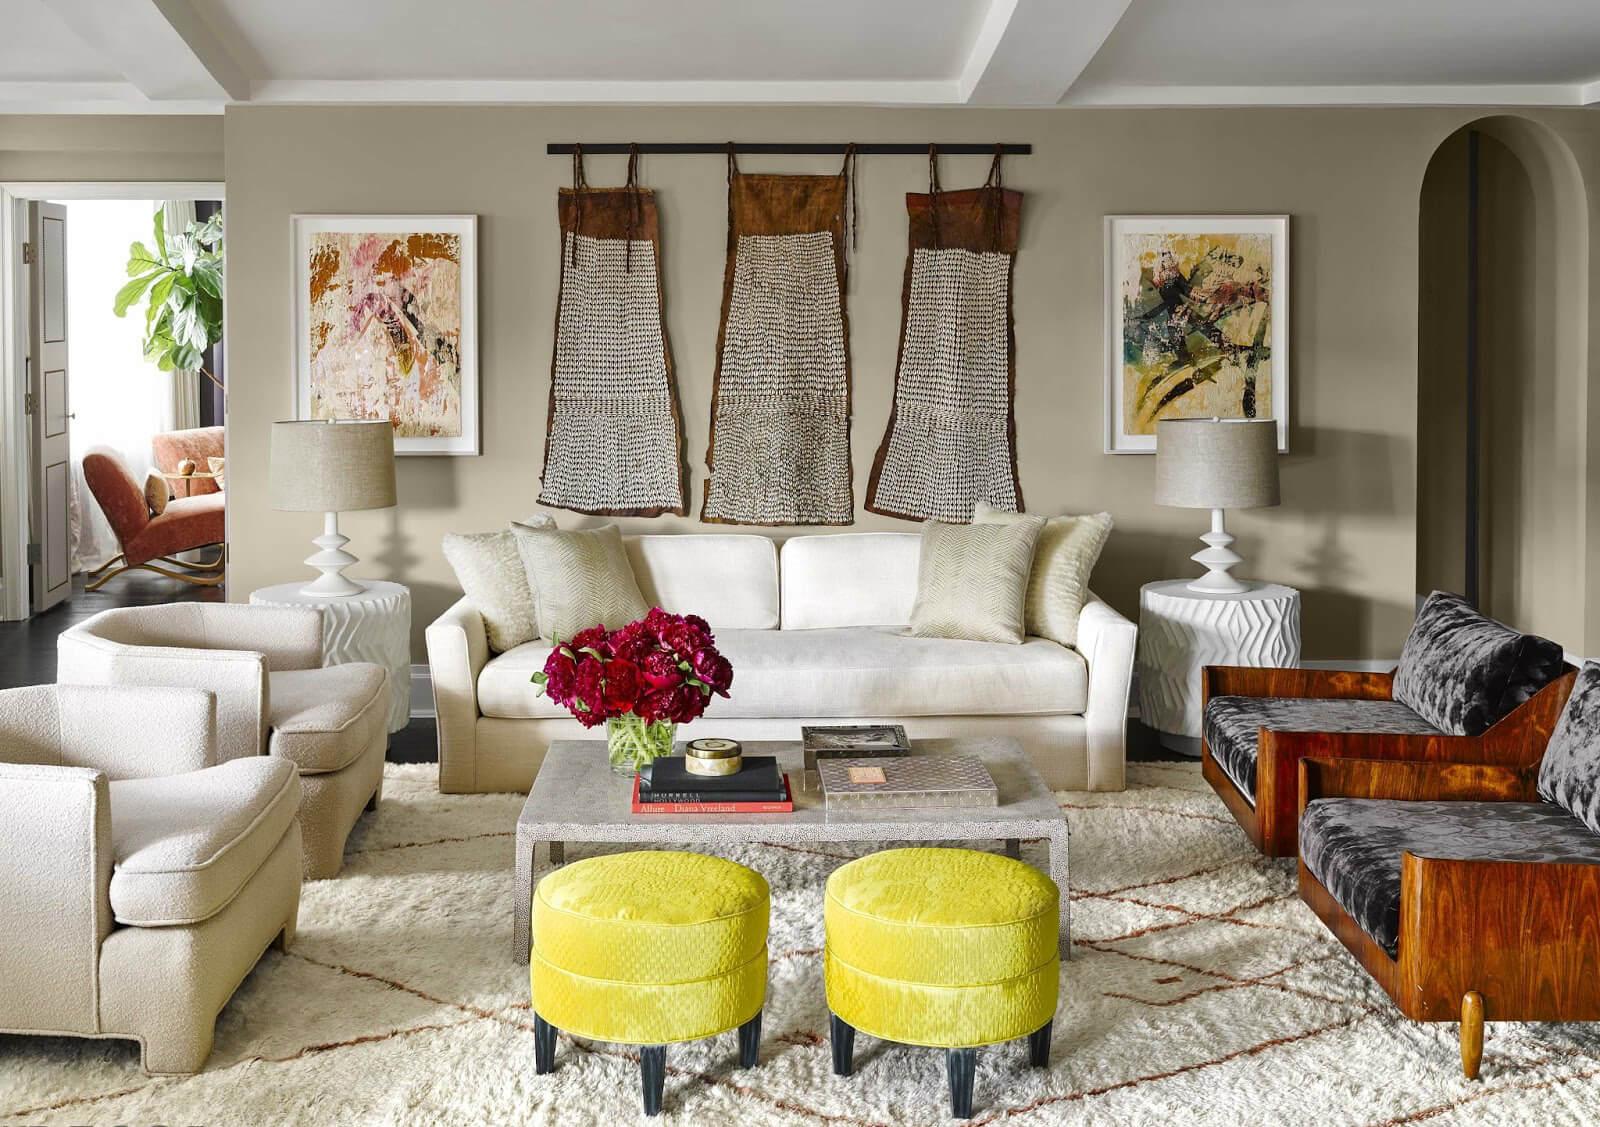 Living Room Sofa Designs 2017 Corte Ingles Cama Oferta Les Nouvelles Tendances Décoration D 39intérieur Pour 2019